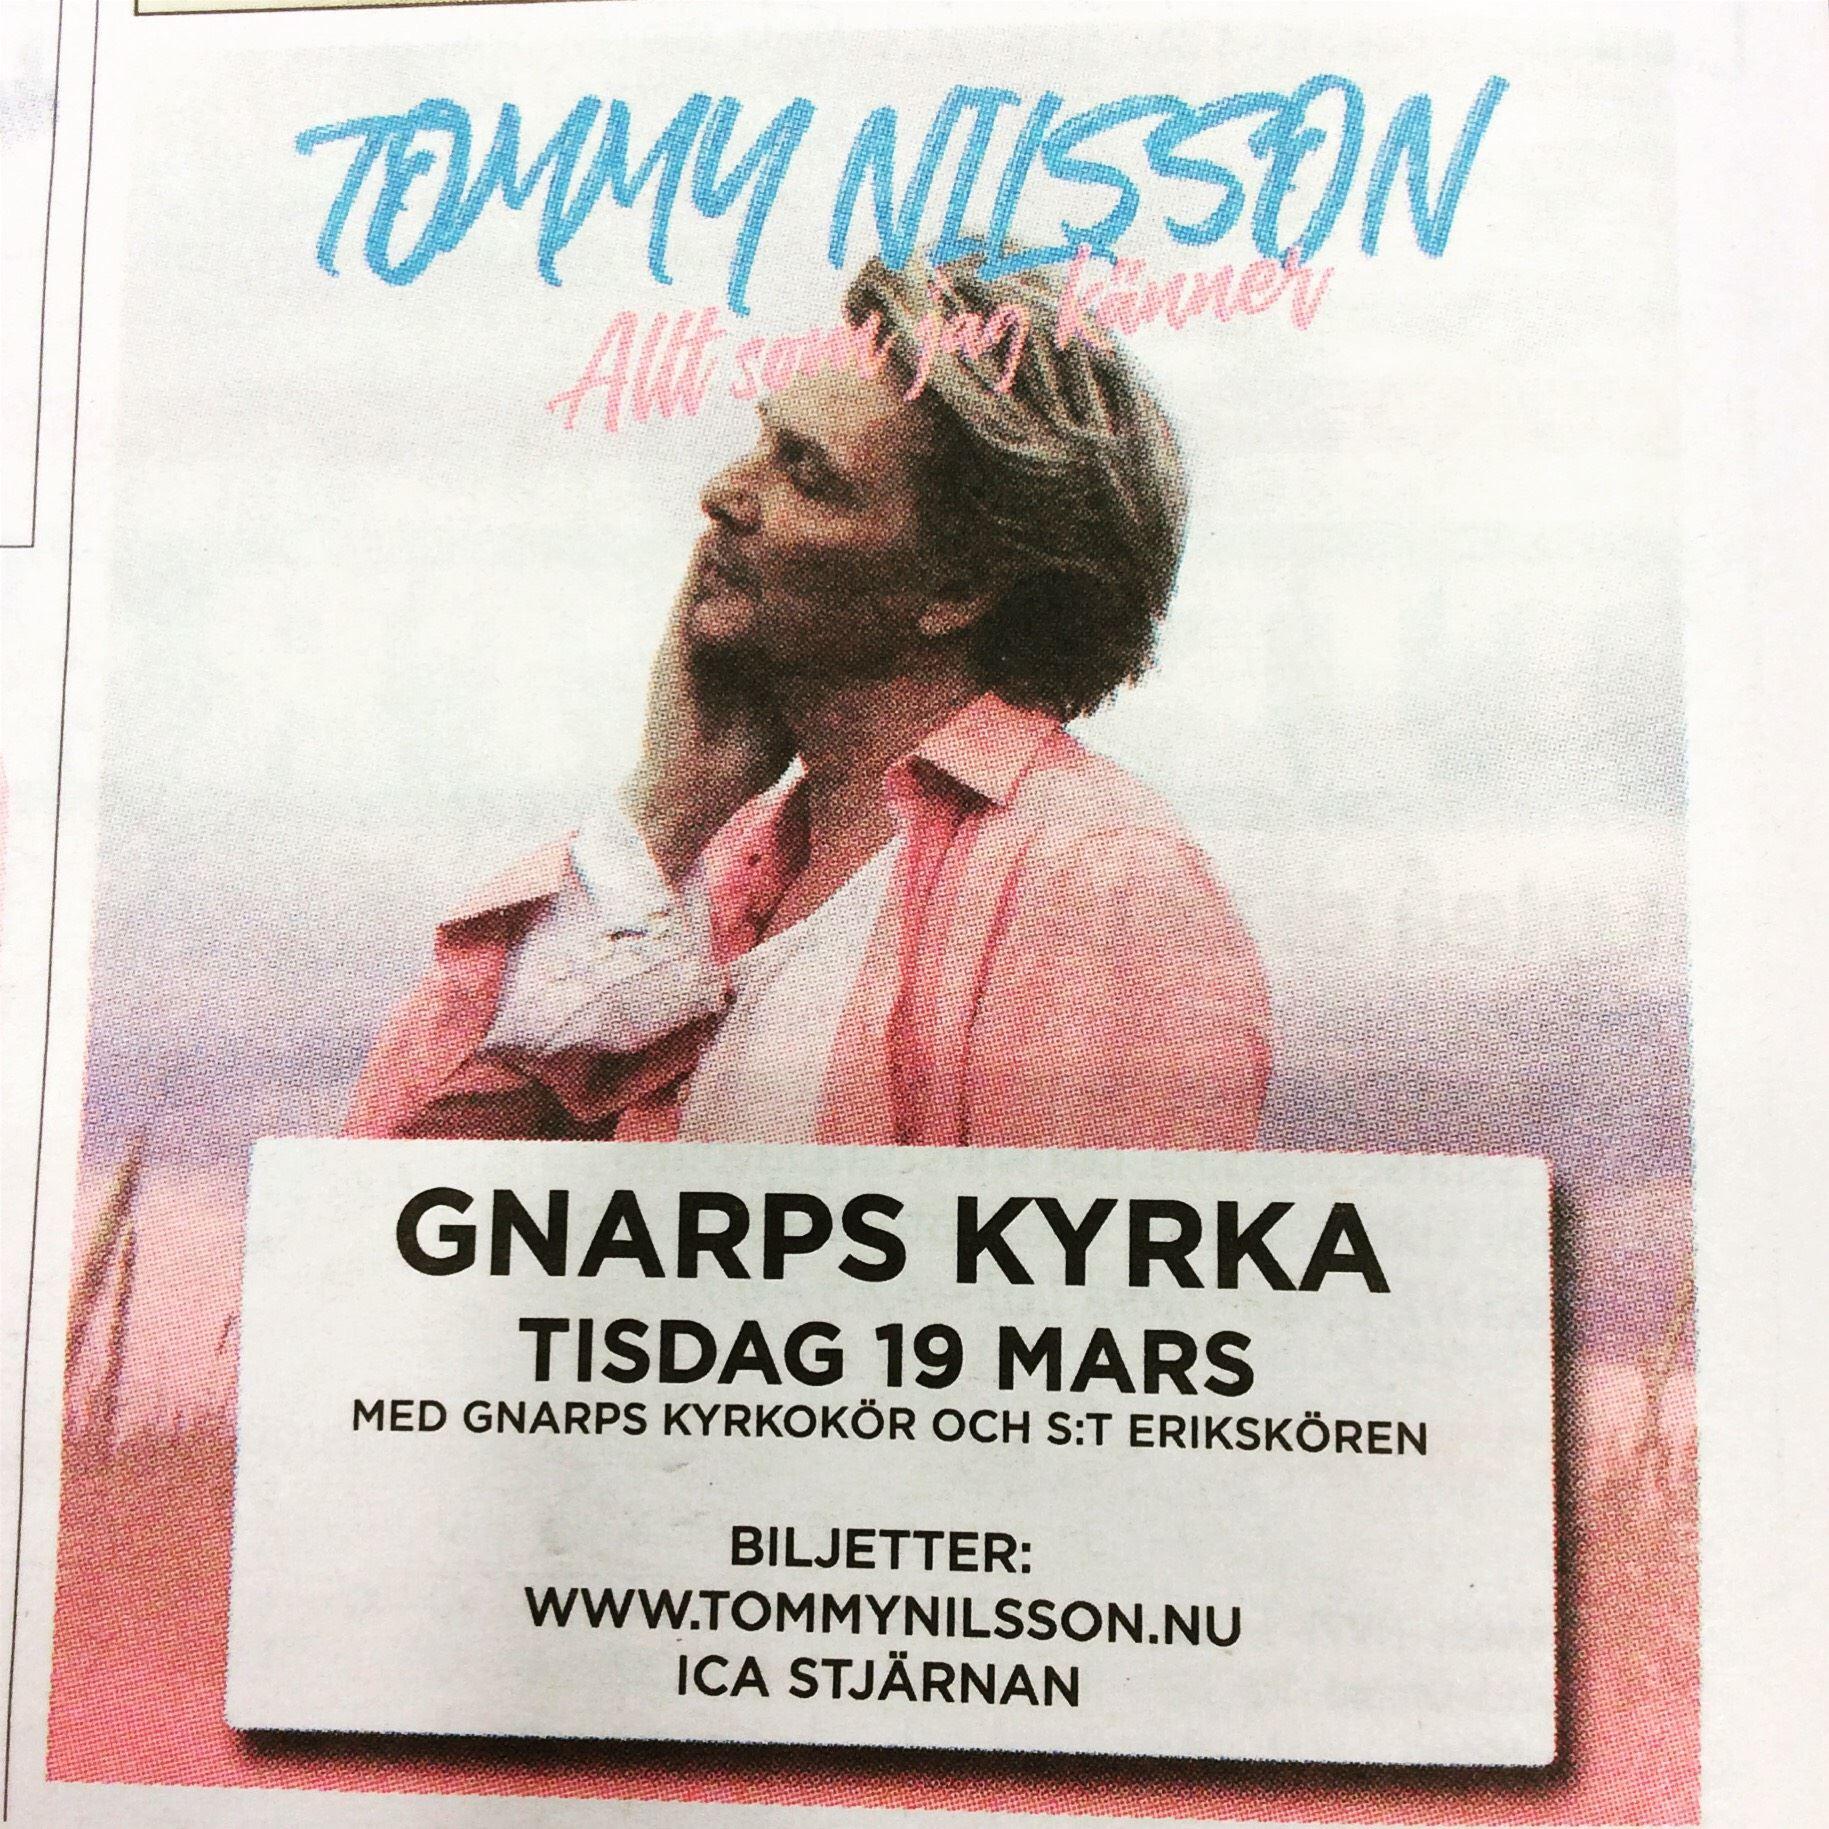 konsert, tommy nilsson, gnarps kyrka,  © konsert, tommy nilsson, gnarps kyrka, konsert, tommy nilsson, gnarps kyrka